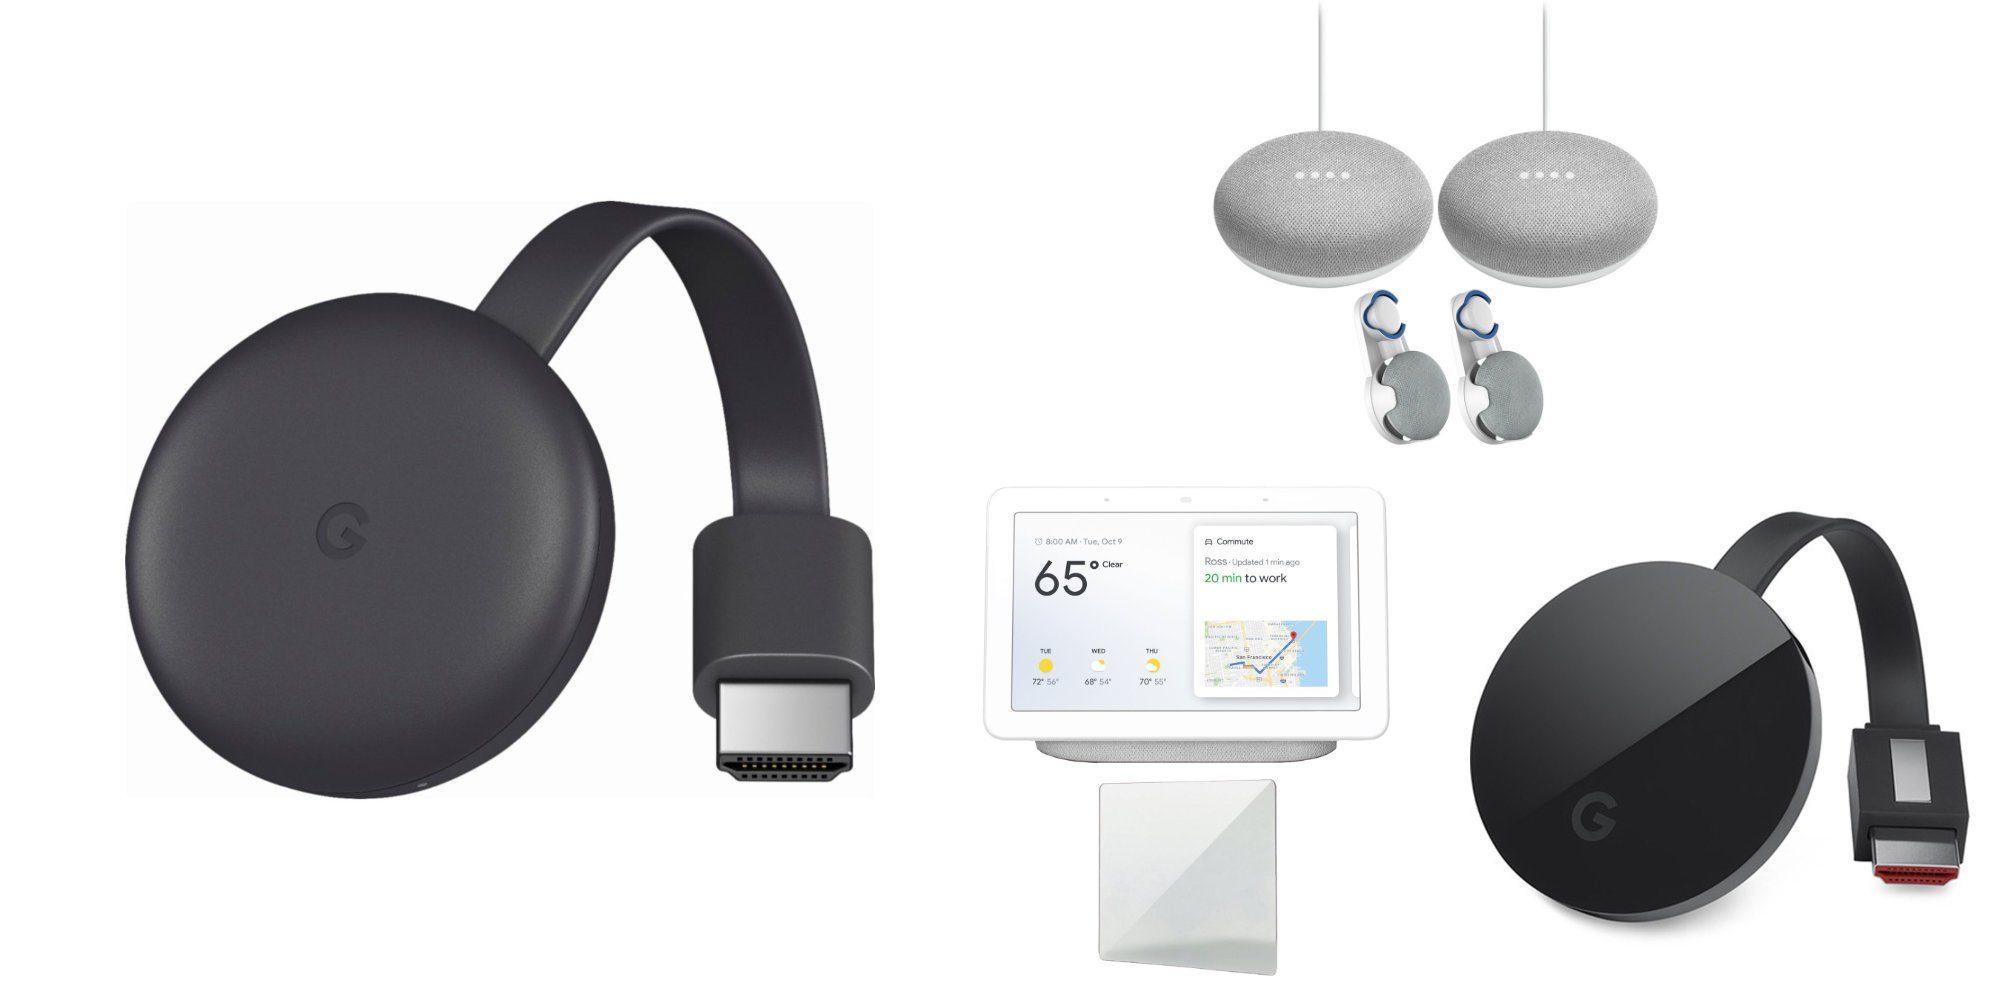 9to5Toys Mittagspause: Pixel 3 / XL Refurb von $ 550, Chromecast $ 28, Amazon Storage & Networking Sale ab $ 8, mehr